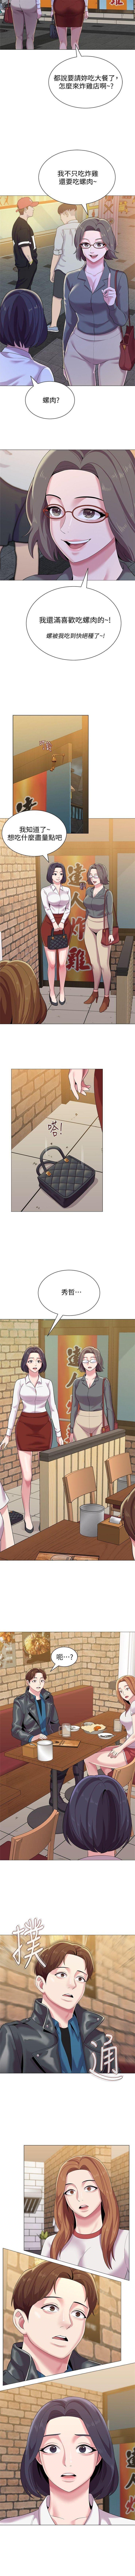 (周3)老师 1-56 中文翻译(更新中) 177